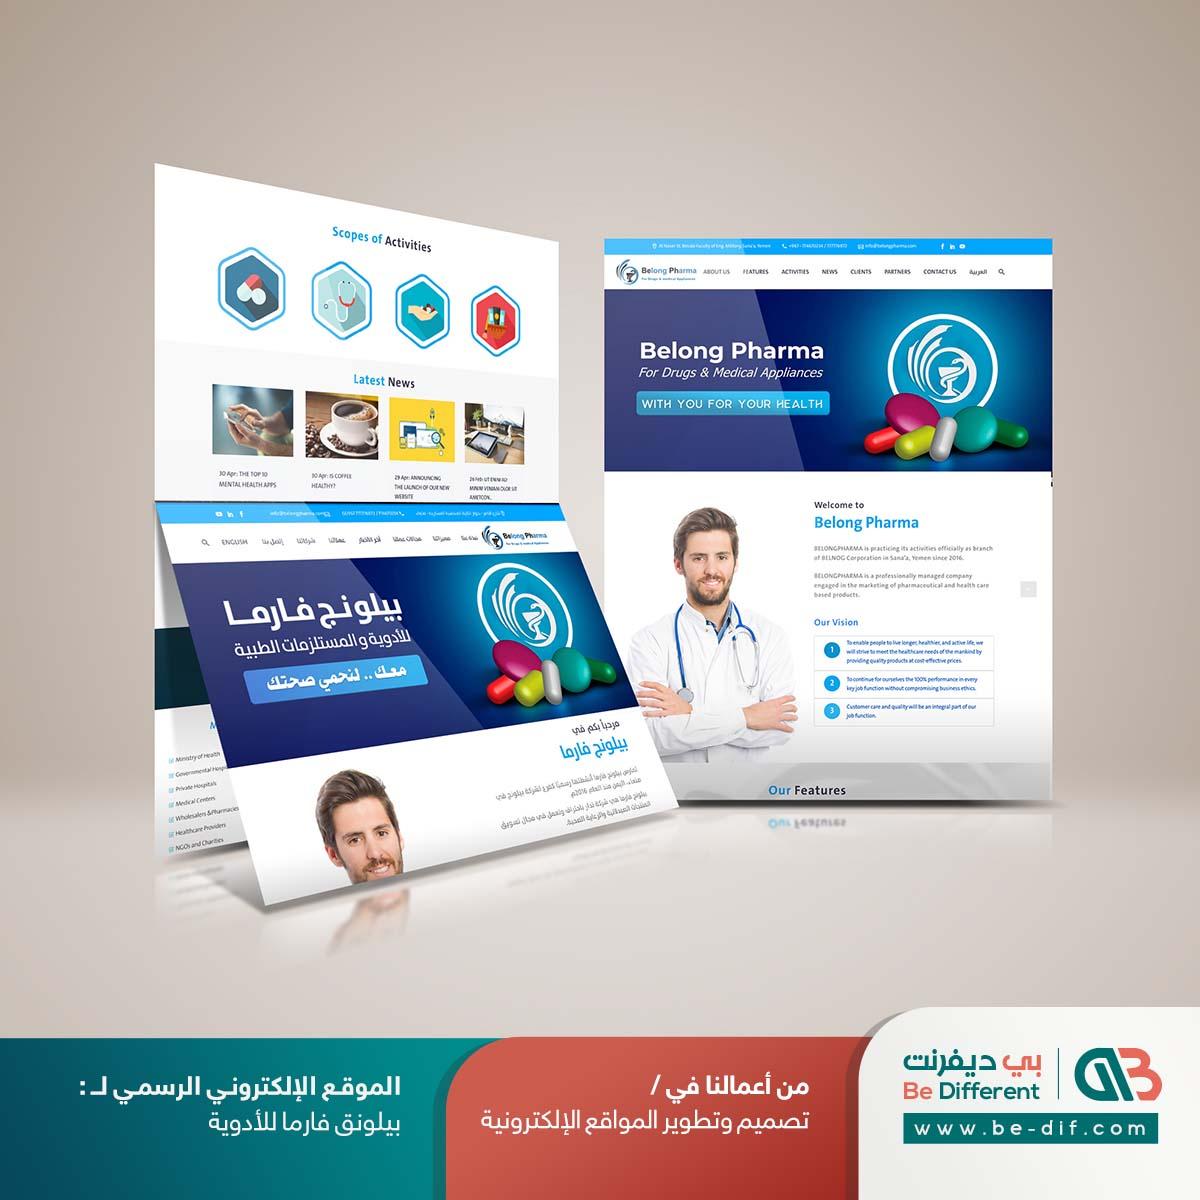 تصميم موقع ويب شركة أدوية بيلونج فارما - مواقع مستحضرات طبية و مستلزمات صحية بي ديفرنت